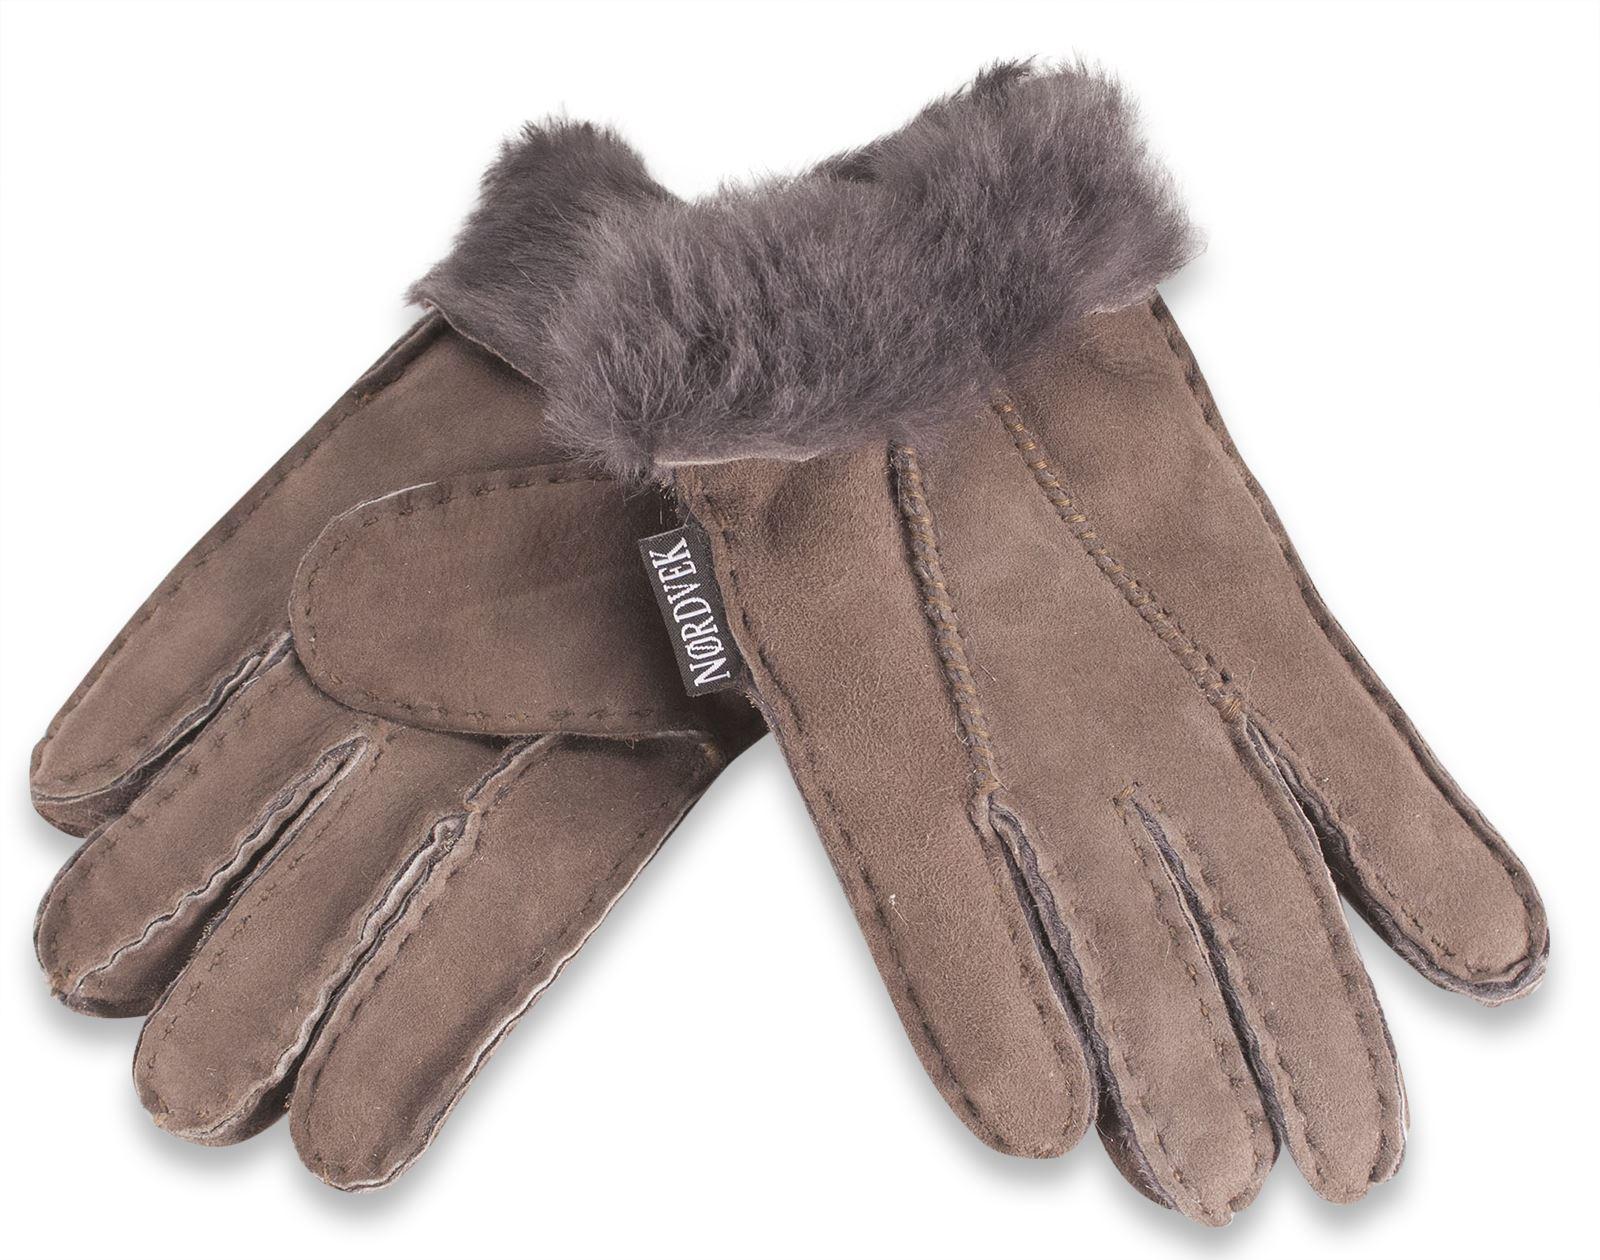 nordvek gants de peau de mouton v ritable pour enfants 3 8 ans filles gar ons ebay. Black Bedroom Furniture Sets. Home Design Ideas